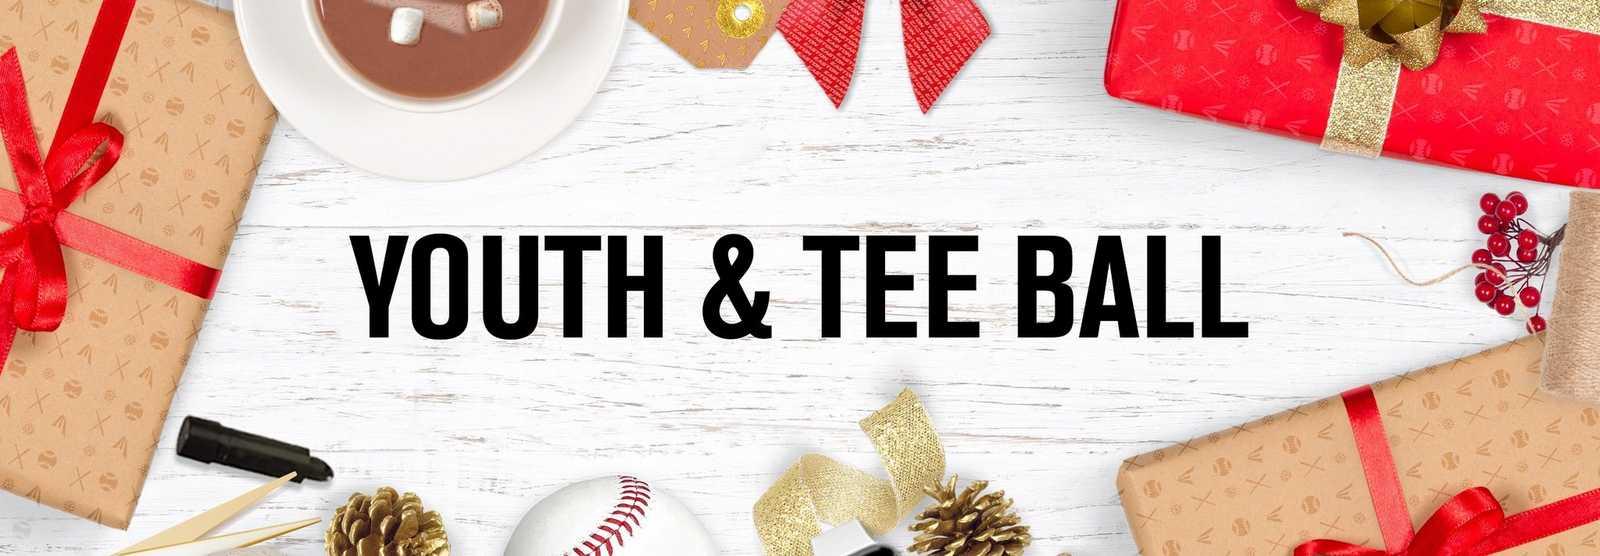 baseball-tee-ball-youth-gift-guide